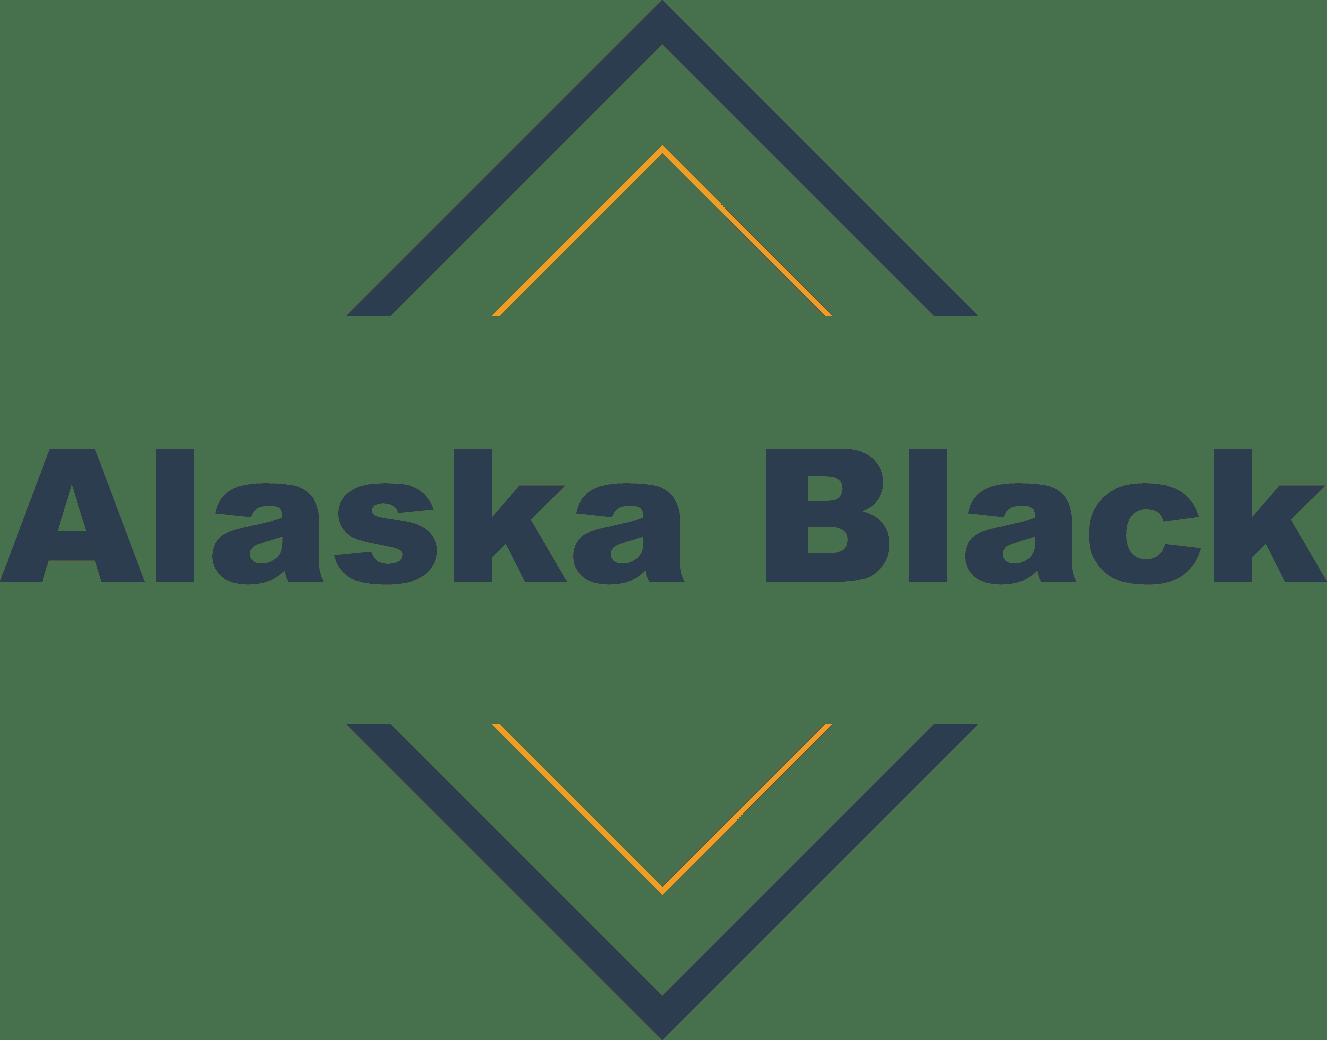 Alaska Black: conheça um dos fundos de investimento mais famosos do país